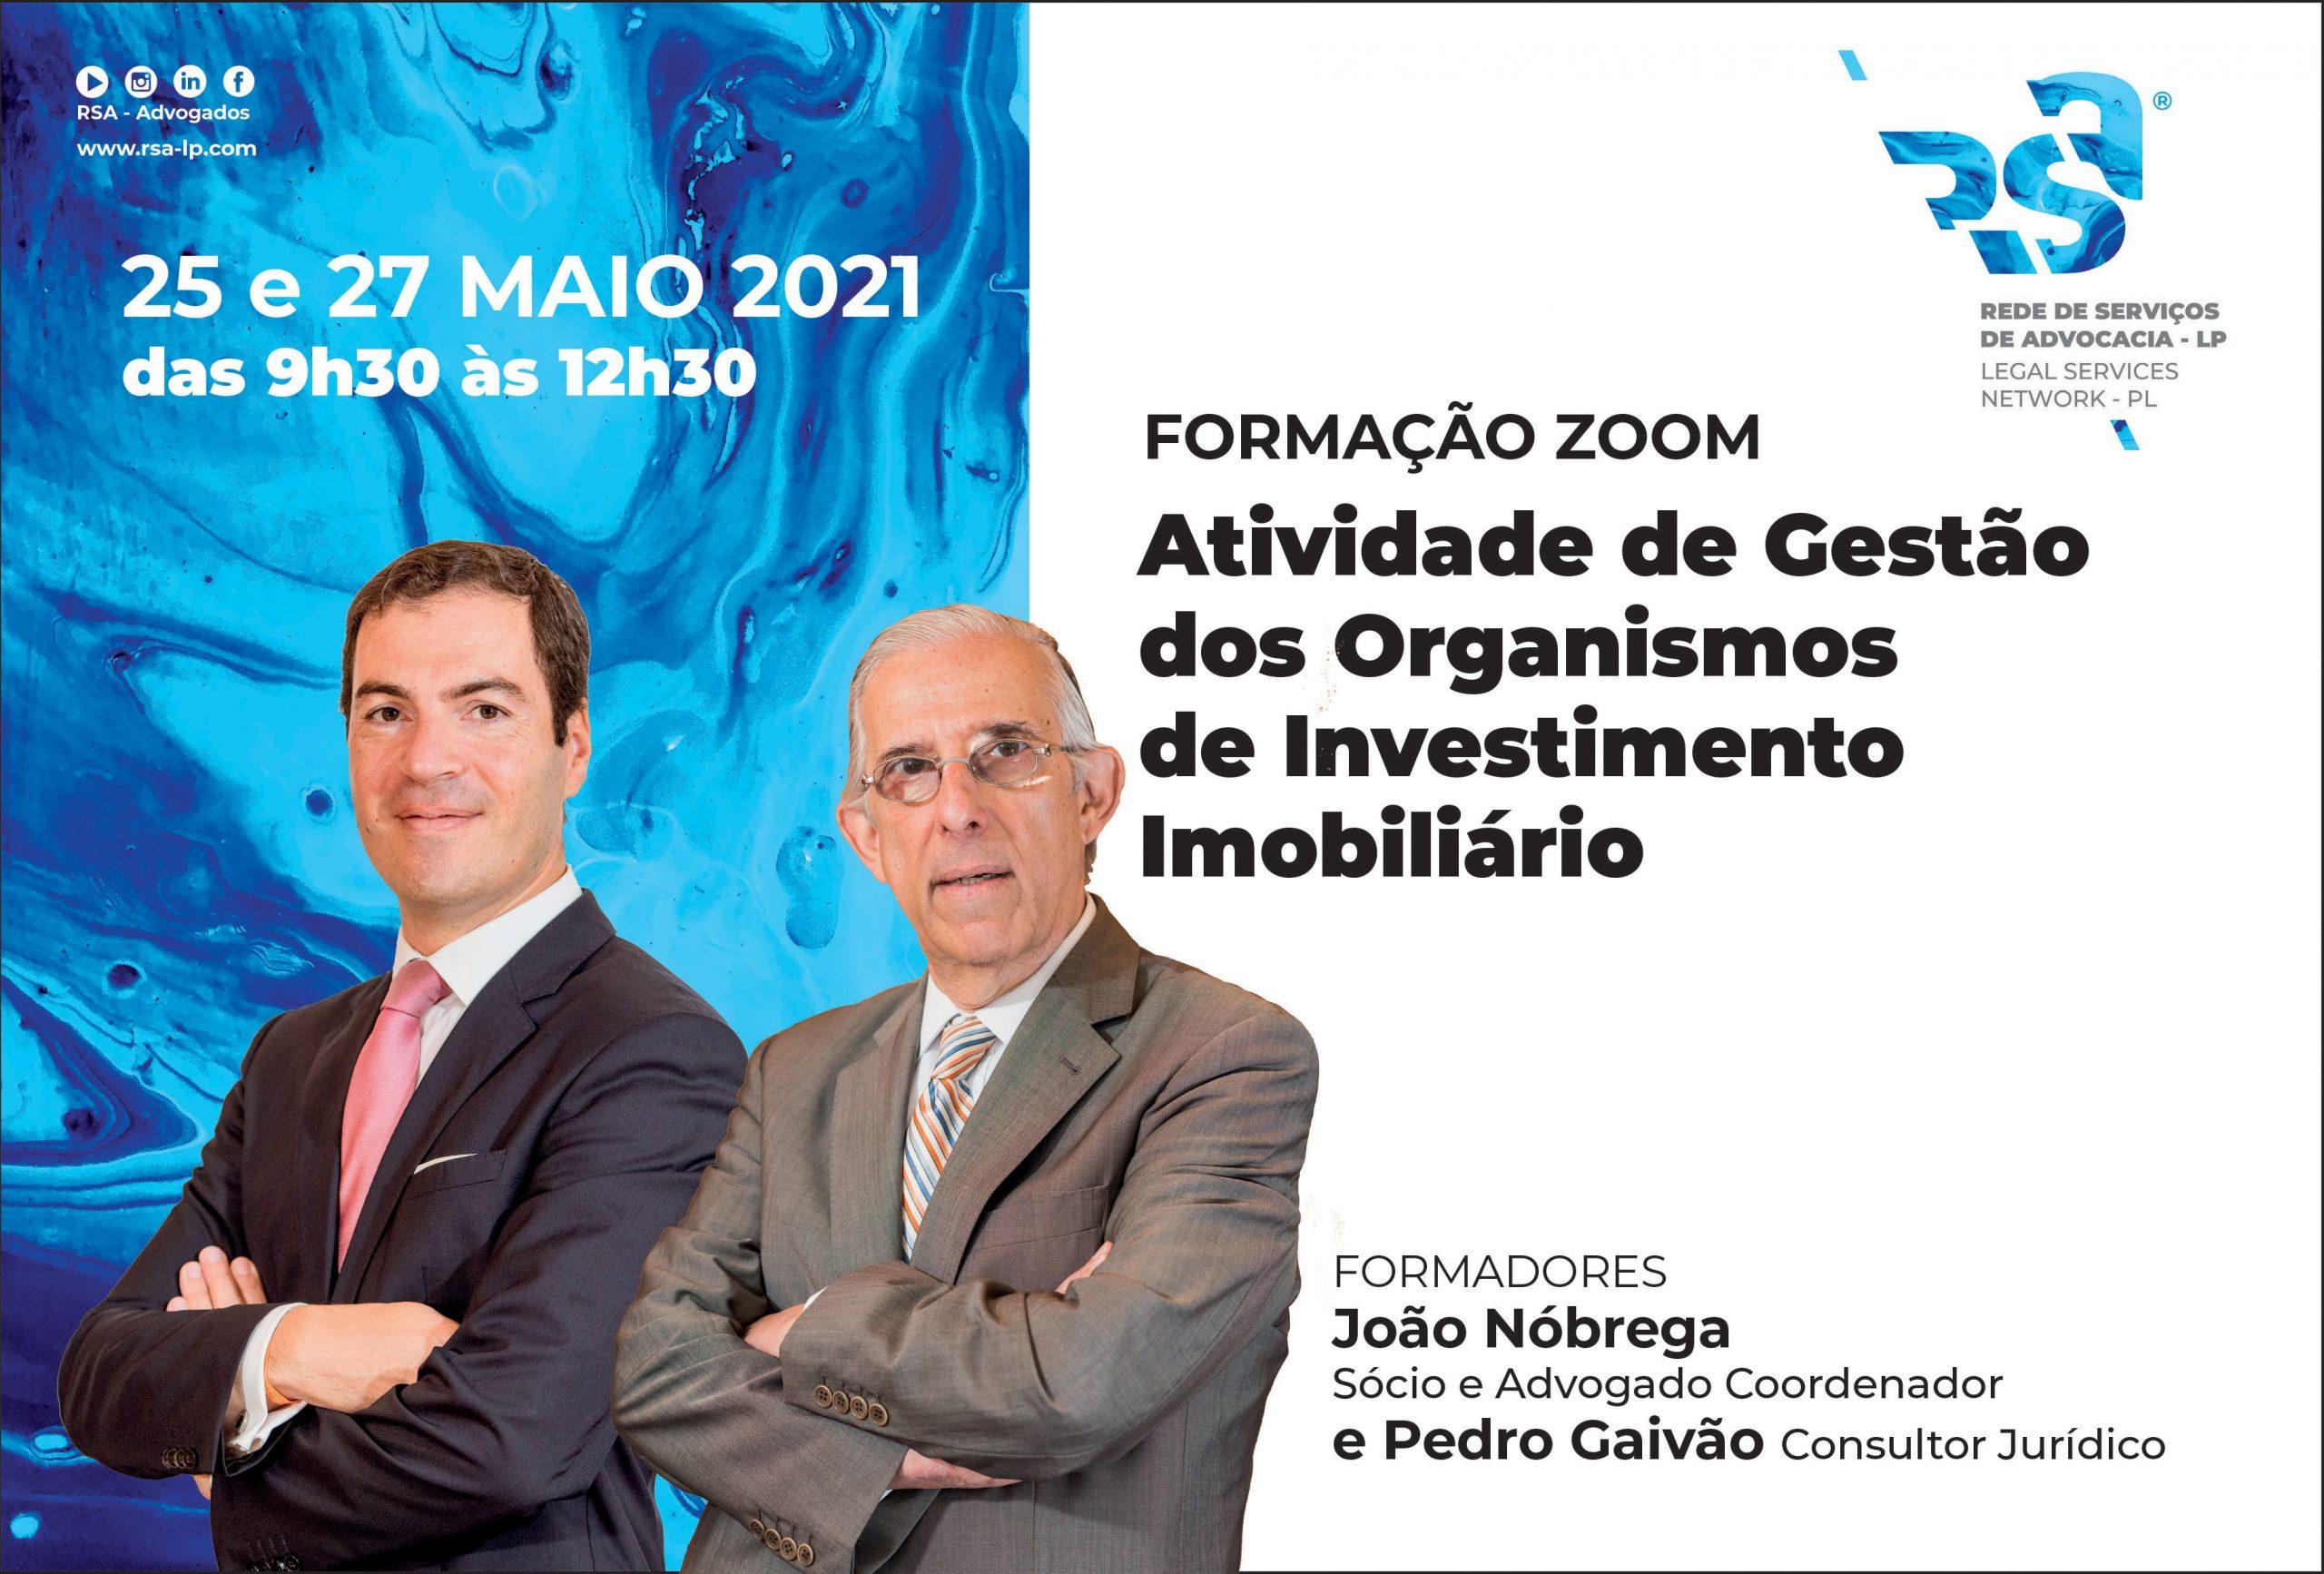 Actividade de Gestão dos Organismos de Investimento Imobiliário